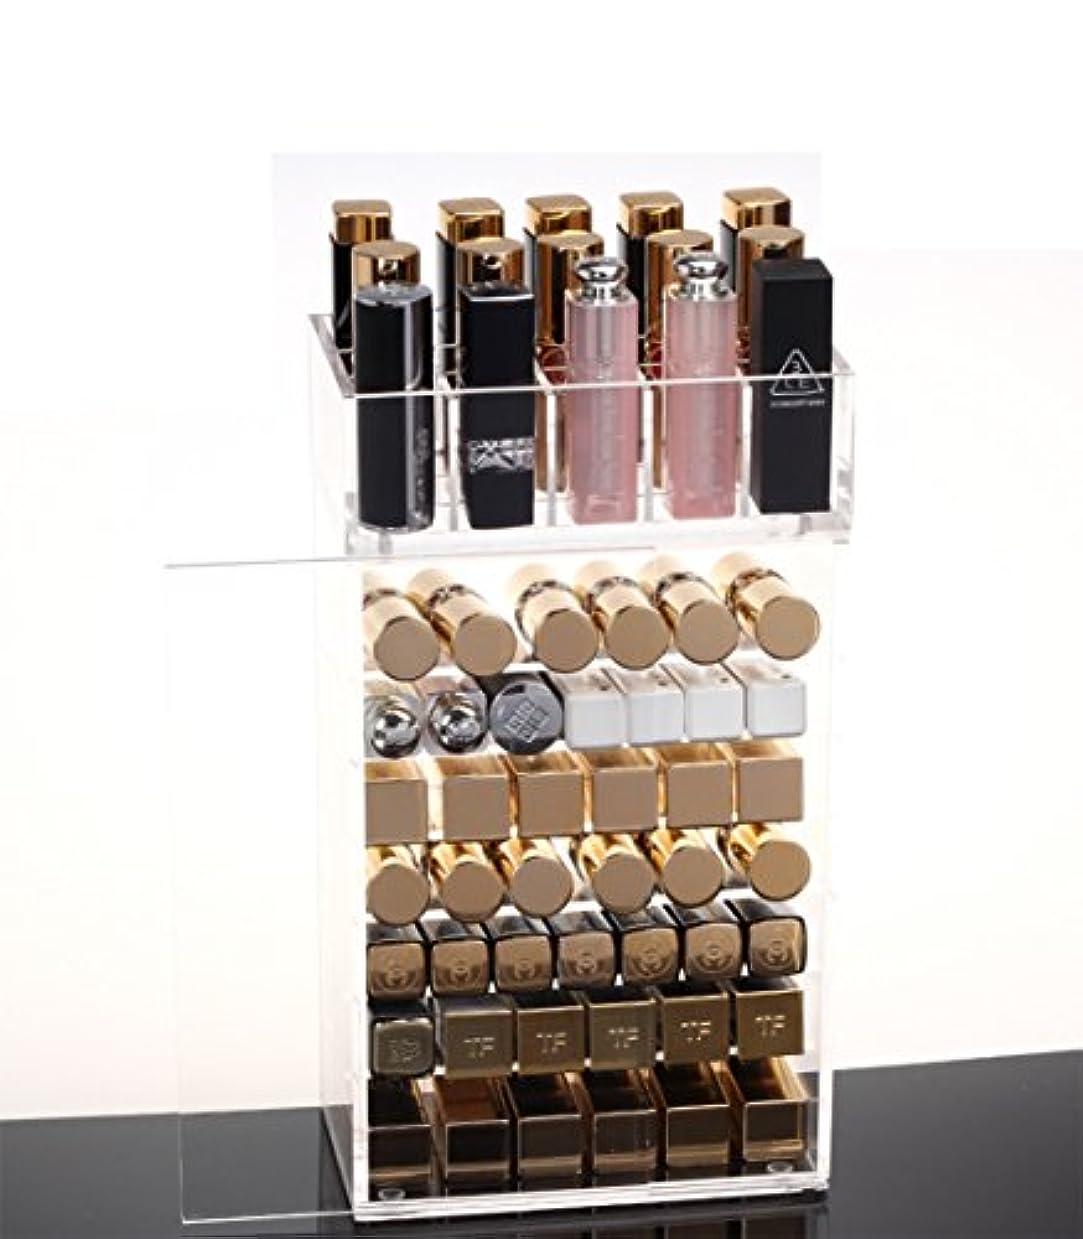 名声愚かな情熱的SZTulip 化粧品収納ボックス メイクケース メイクボックス 口紅収納 ネイルカラー小物入れ レディース  透明アクリル 防塵ドア付き コスメボックス